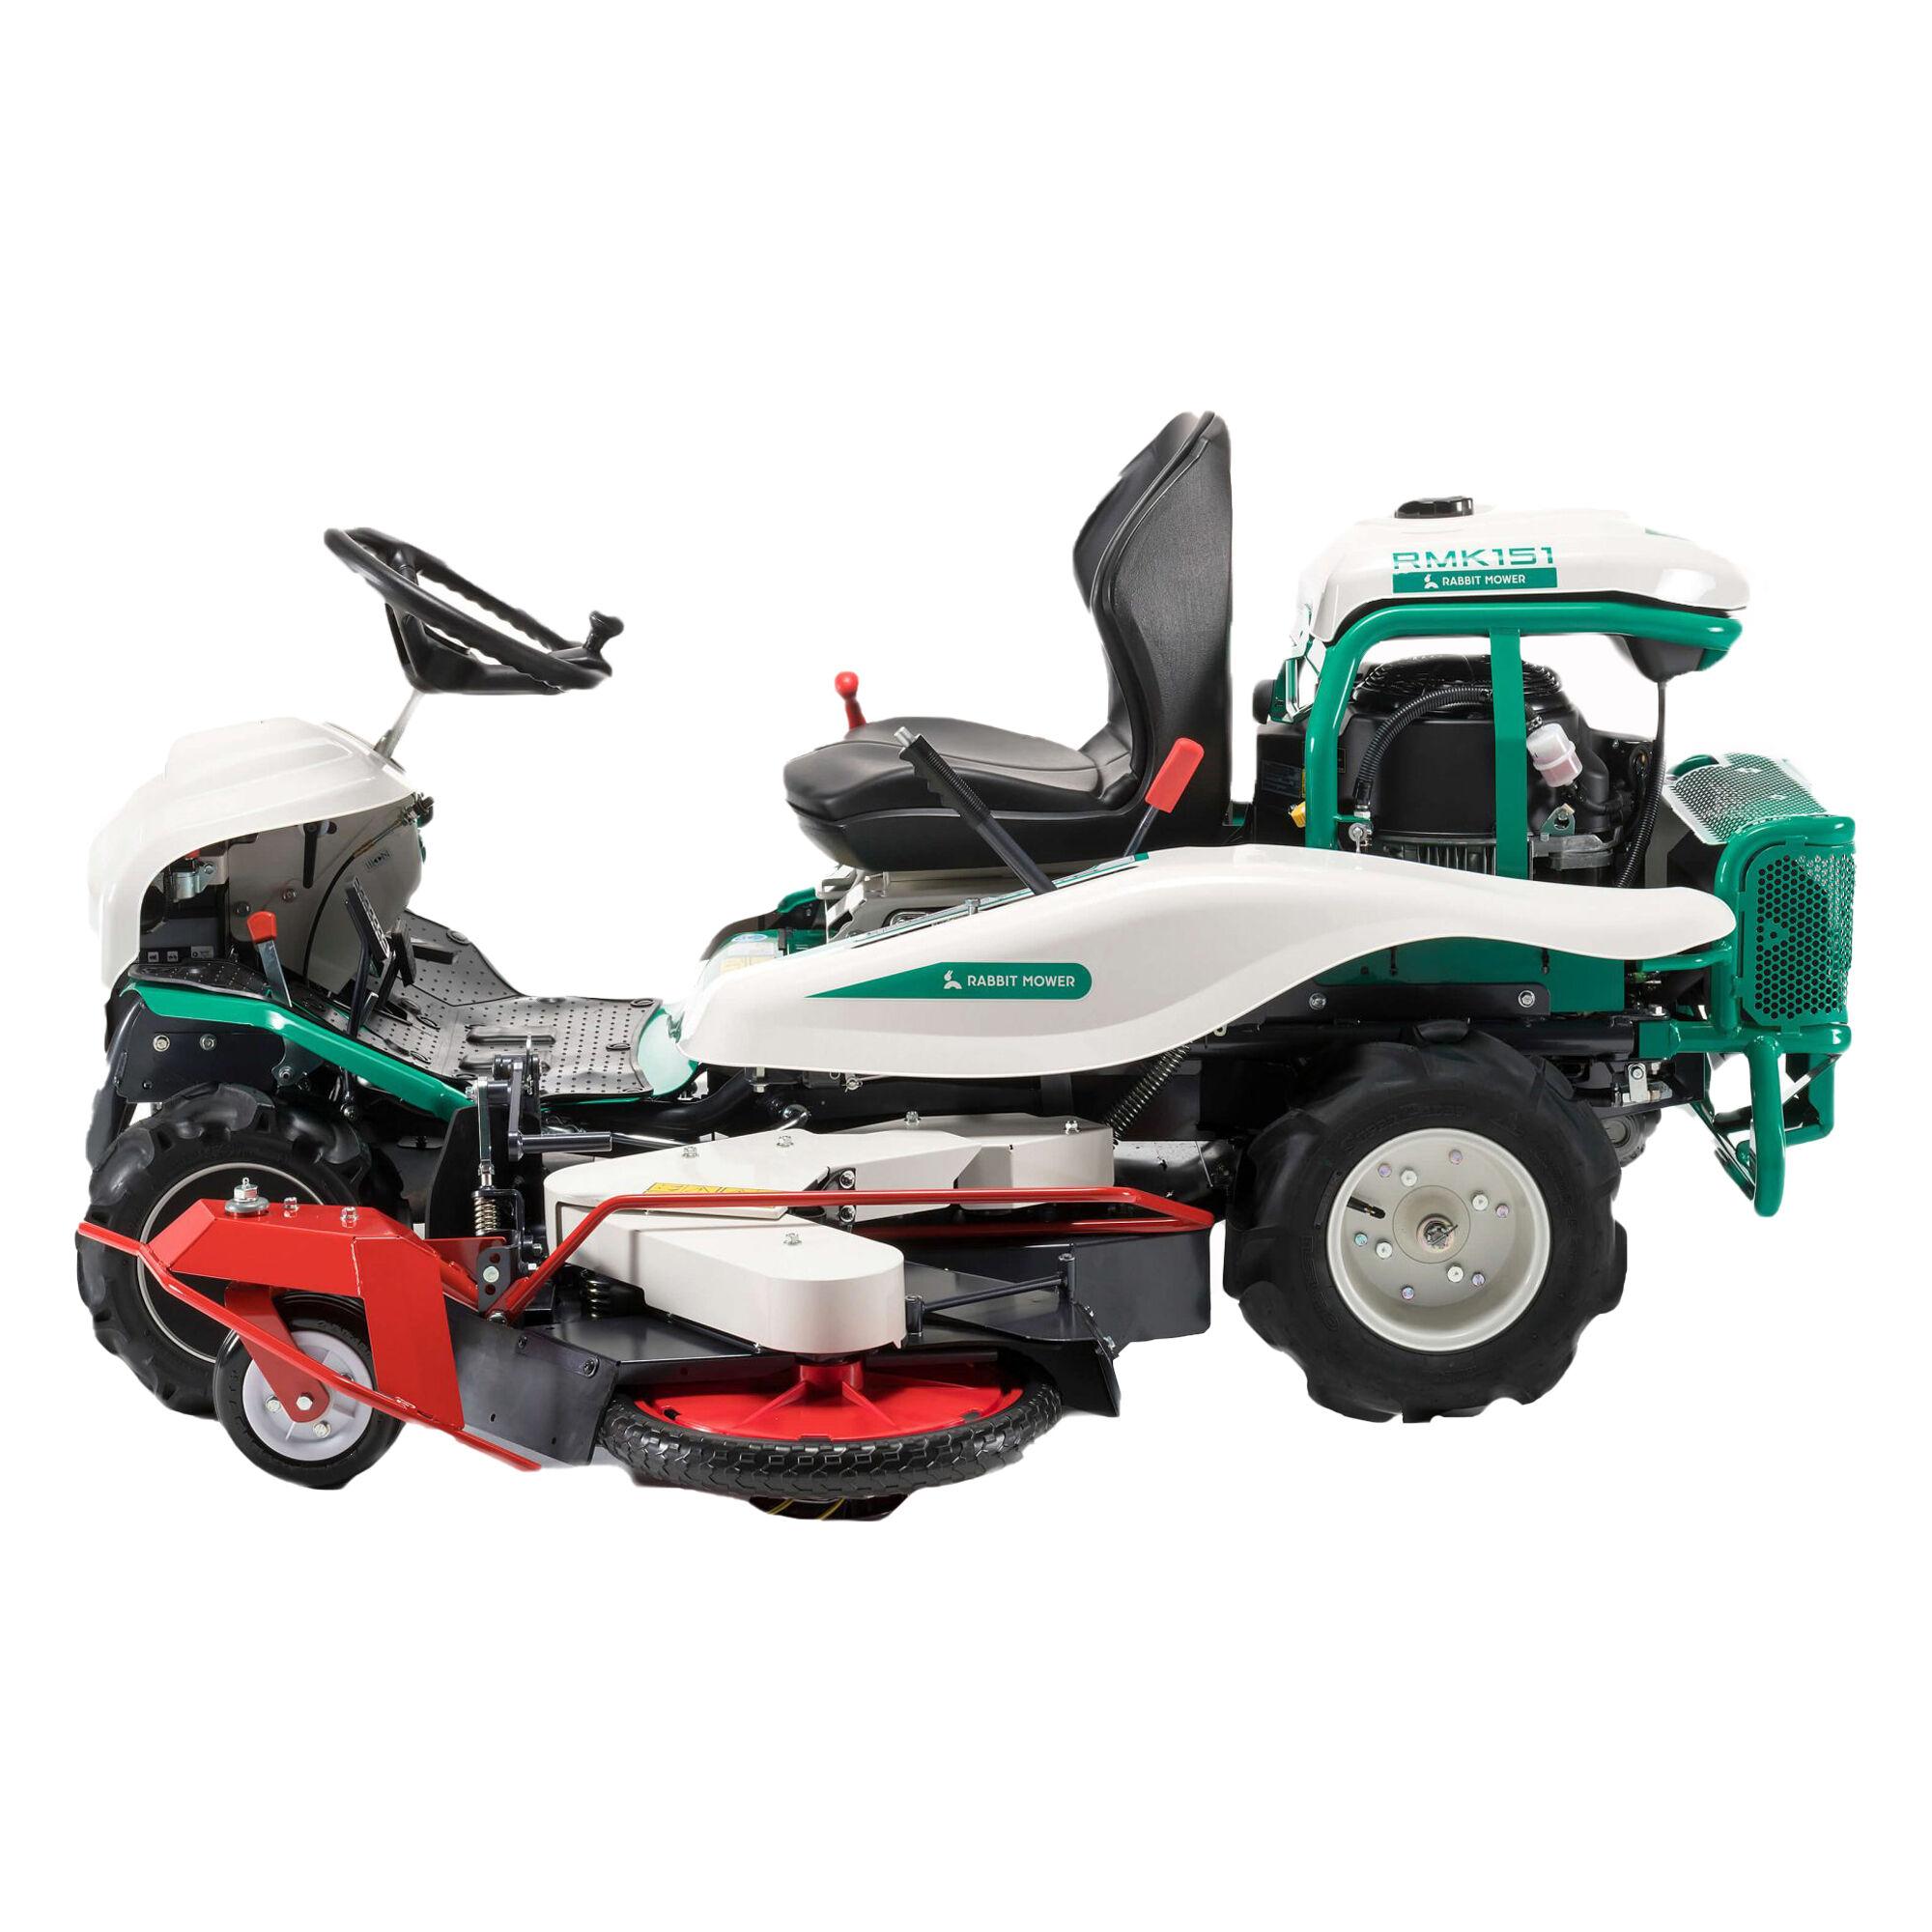 orec trattorino rabbit mower 135 ÷ 150cm da 726cc orec rmk151